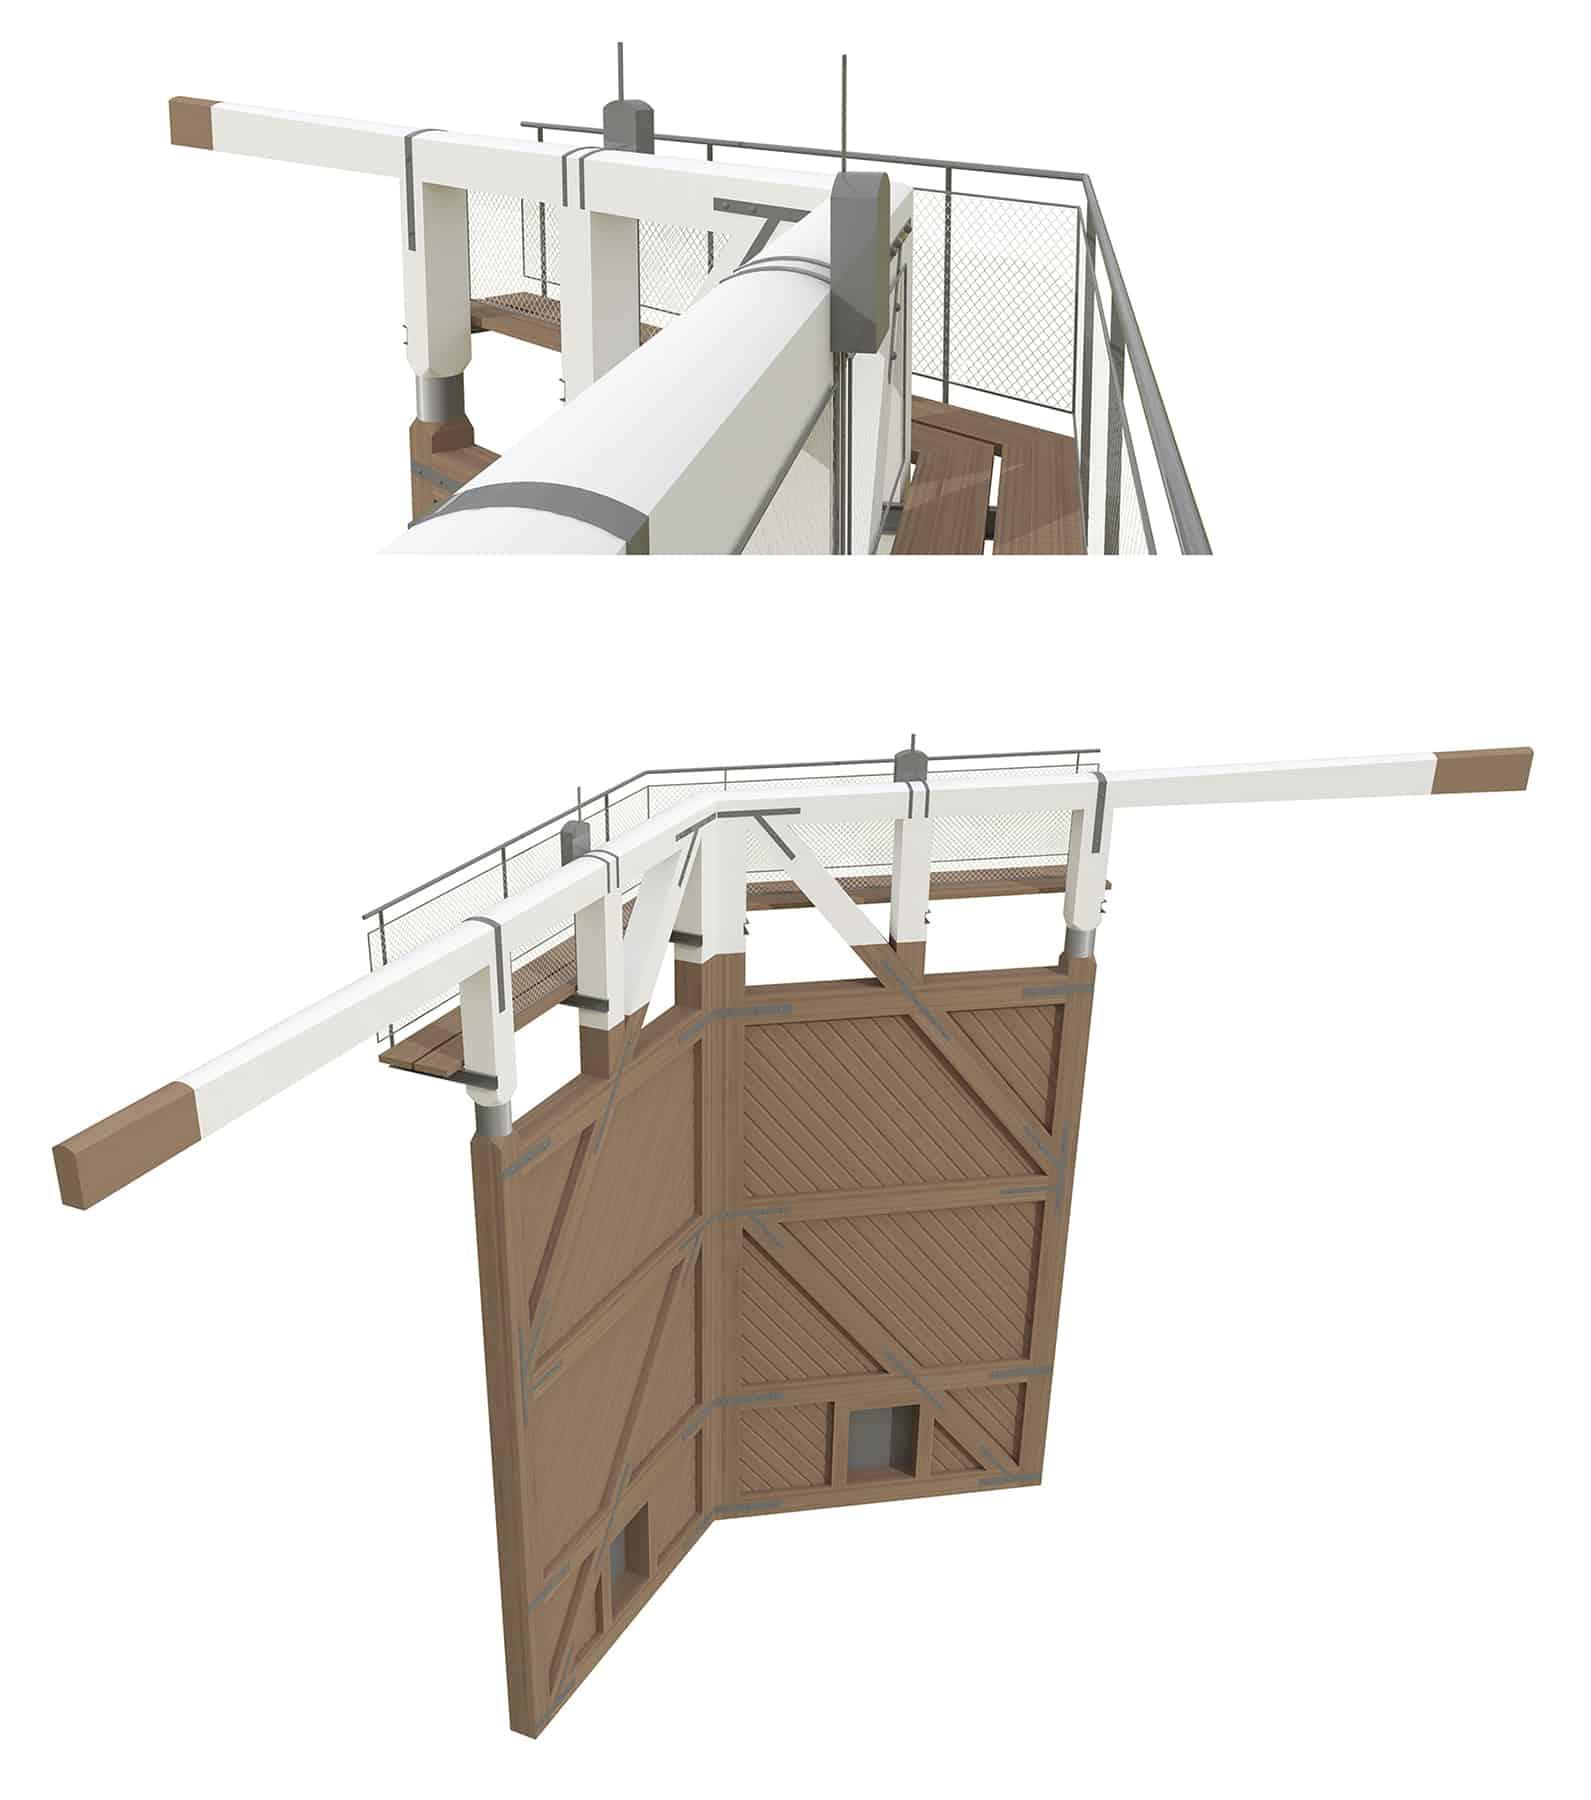 B+M Architecture - Coudroy-une manufacture artisanale